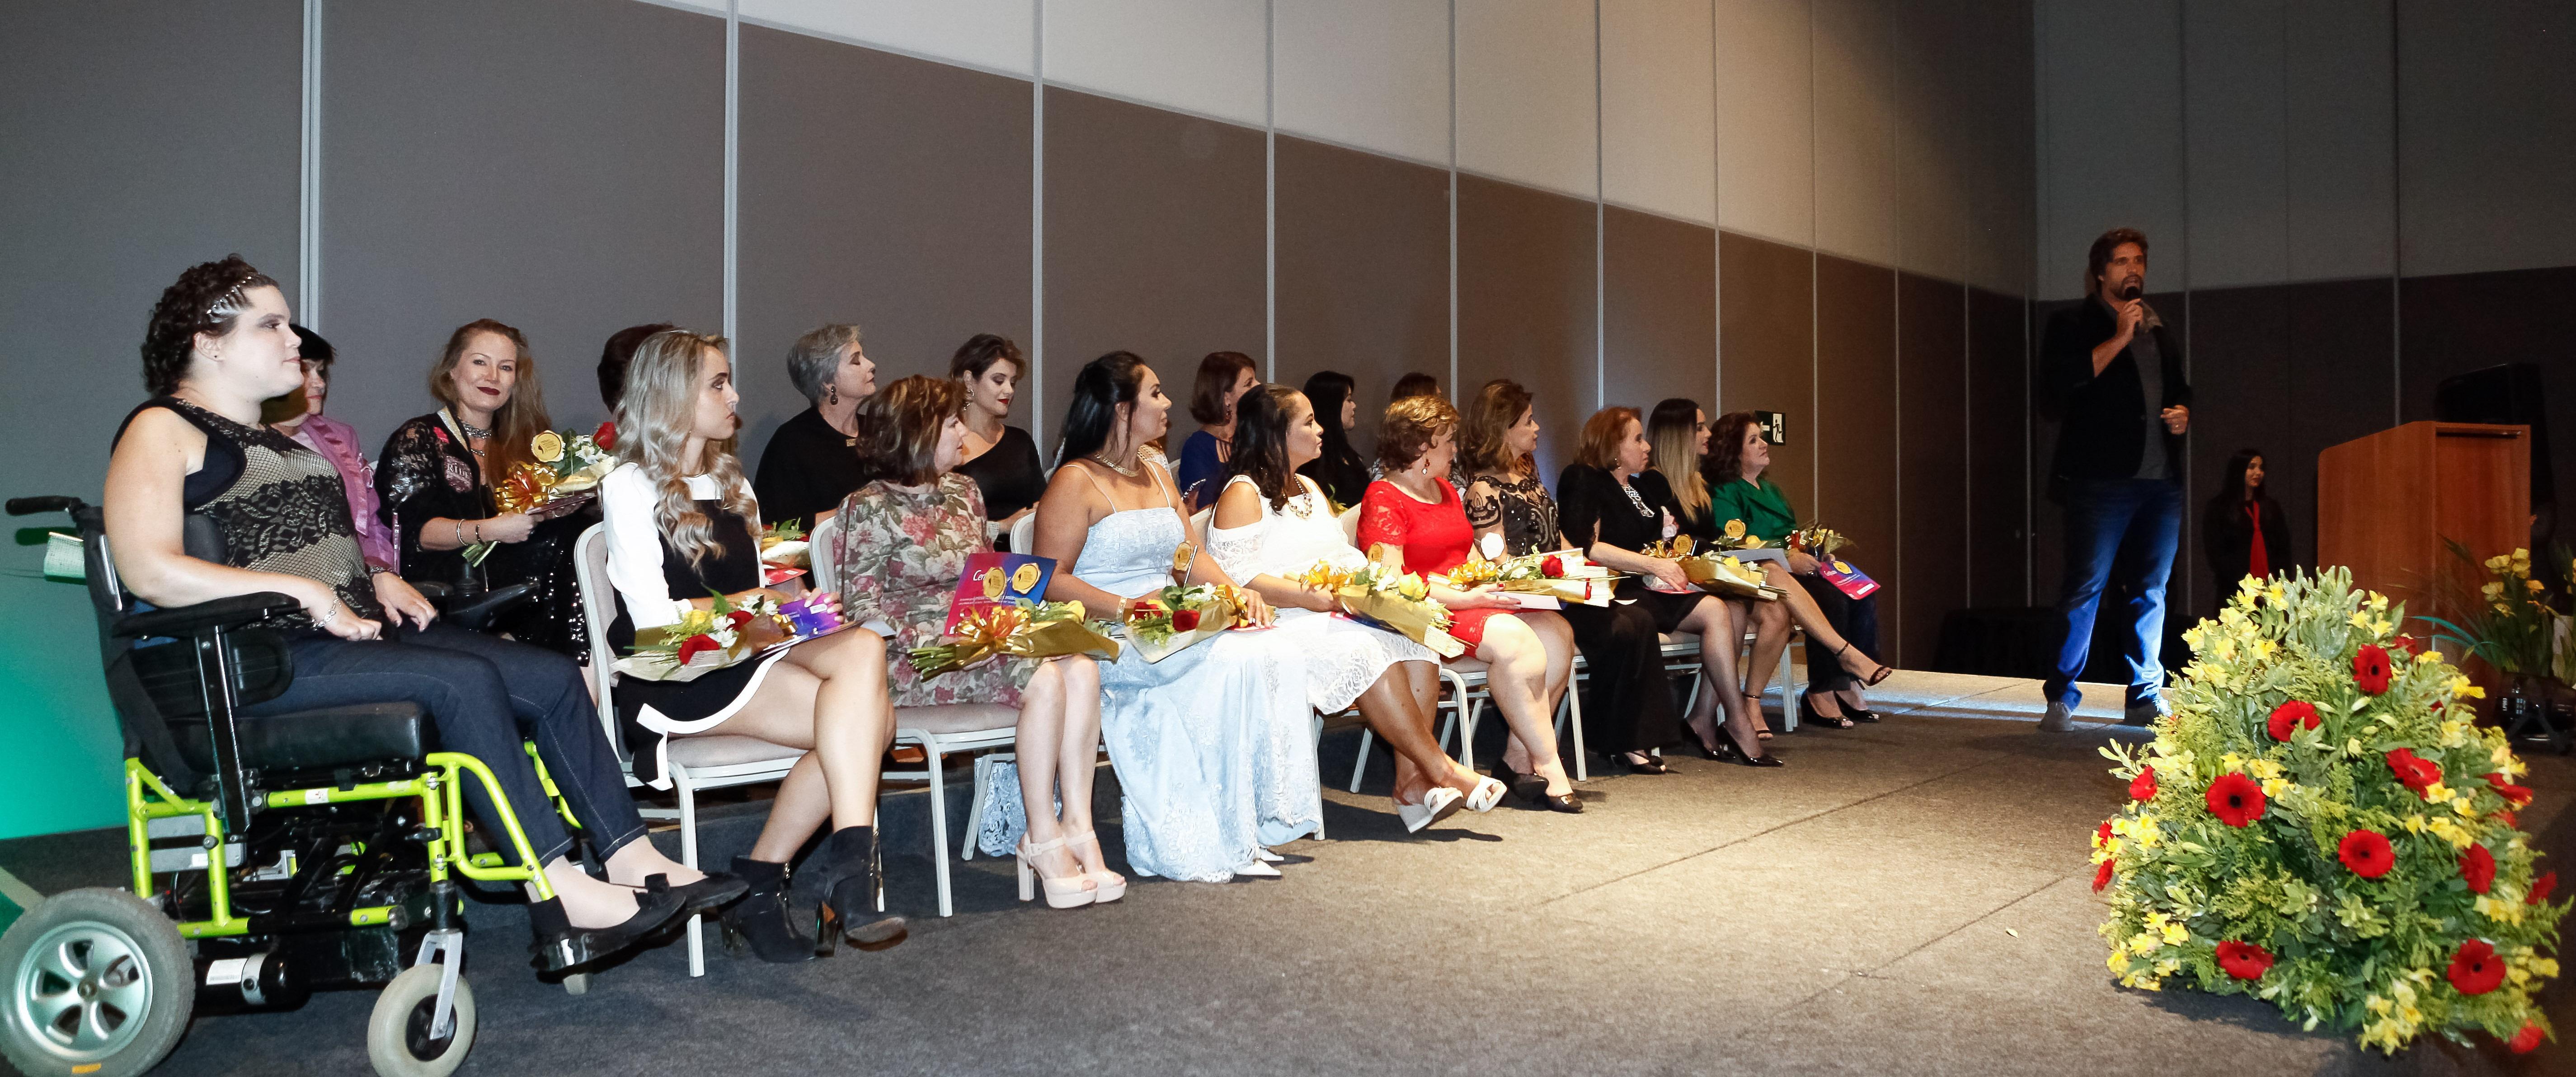 Prêmio Mulheres que Fazem História - Aciub Mulher - Foto Mauro M